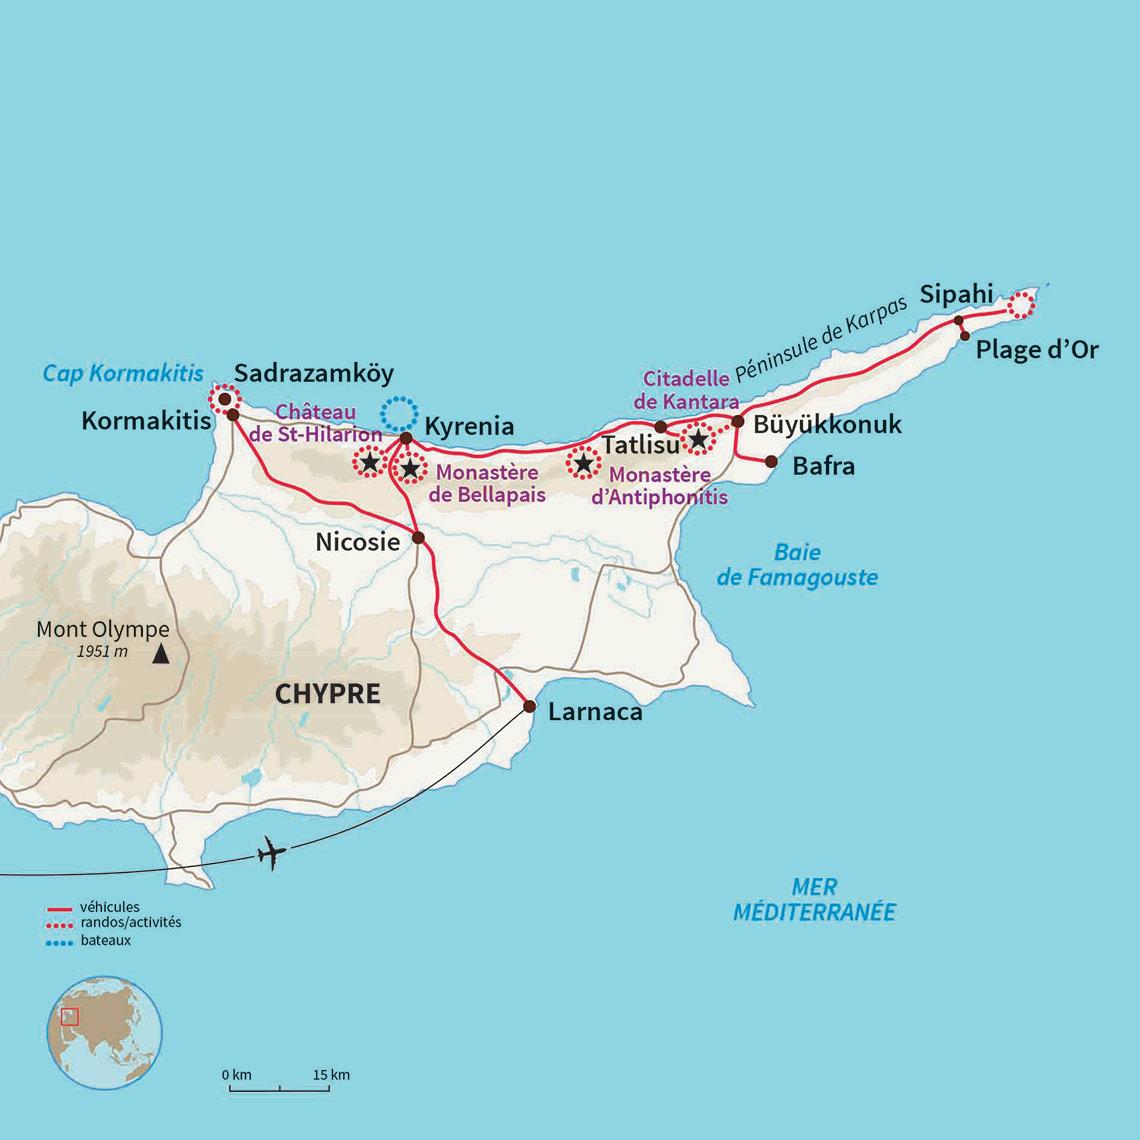 Carte Ign Chypre.Voyage Chypre Feminin Rando Hammam Entre Filles Nomade